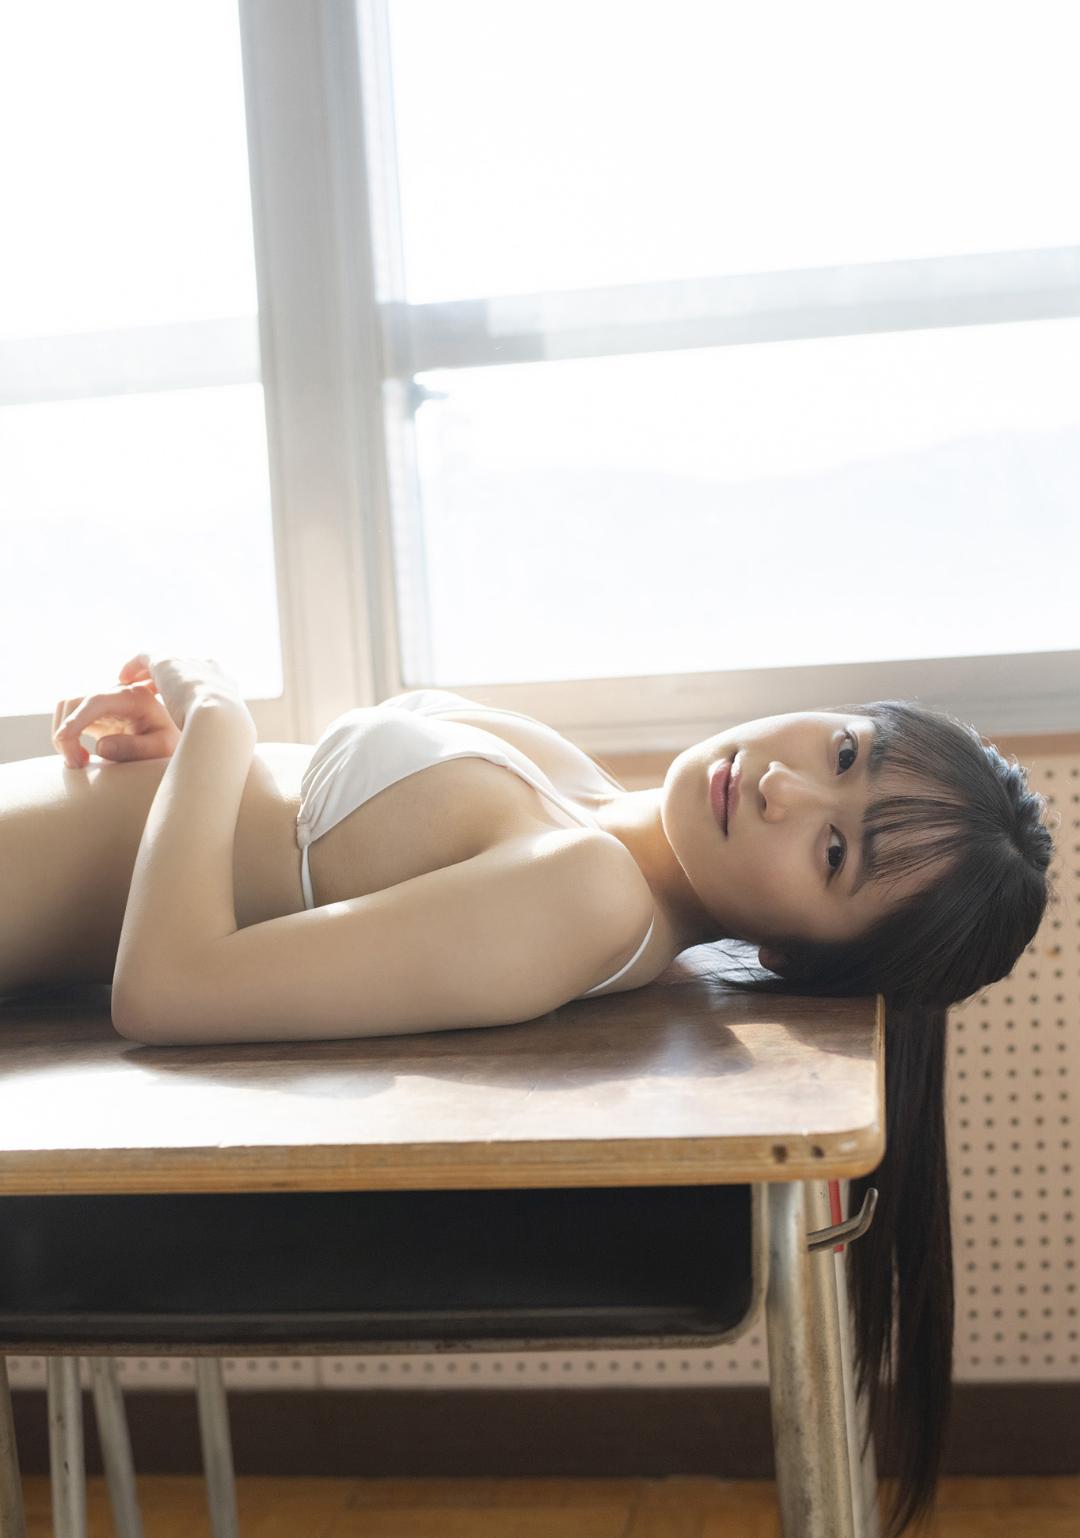 早川渚紗93